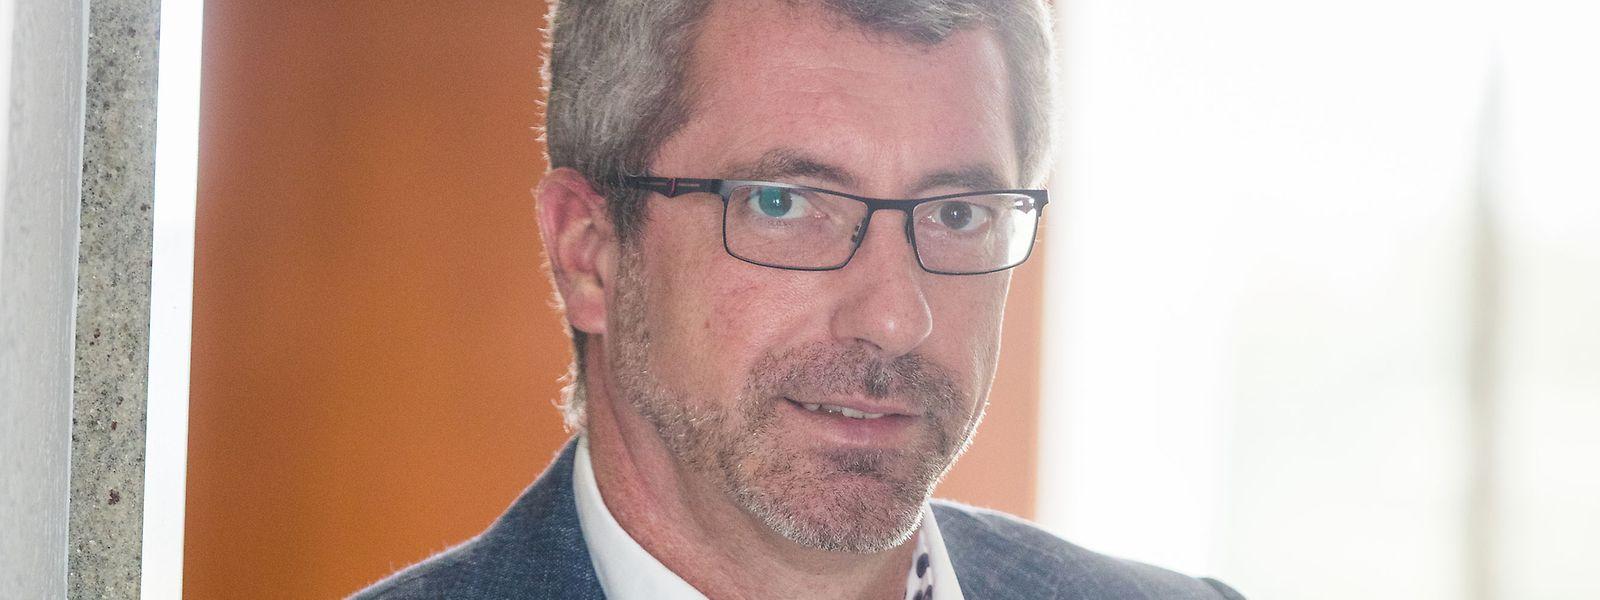 """Frank Engel möchte die seiner Meinung nach veralteten Entscheidungsprozesse in der CSV vereinfachen. """"Ein halbwegs dynamischer Mensch, der zu uns kommt und mitarbeiten möchte, geht in dem ganzen Gremiensumpf unter."""""""